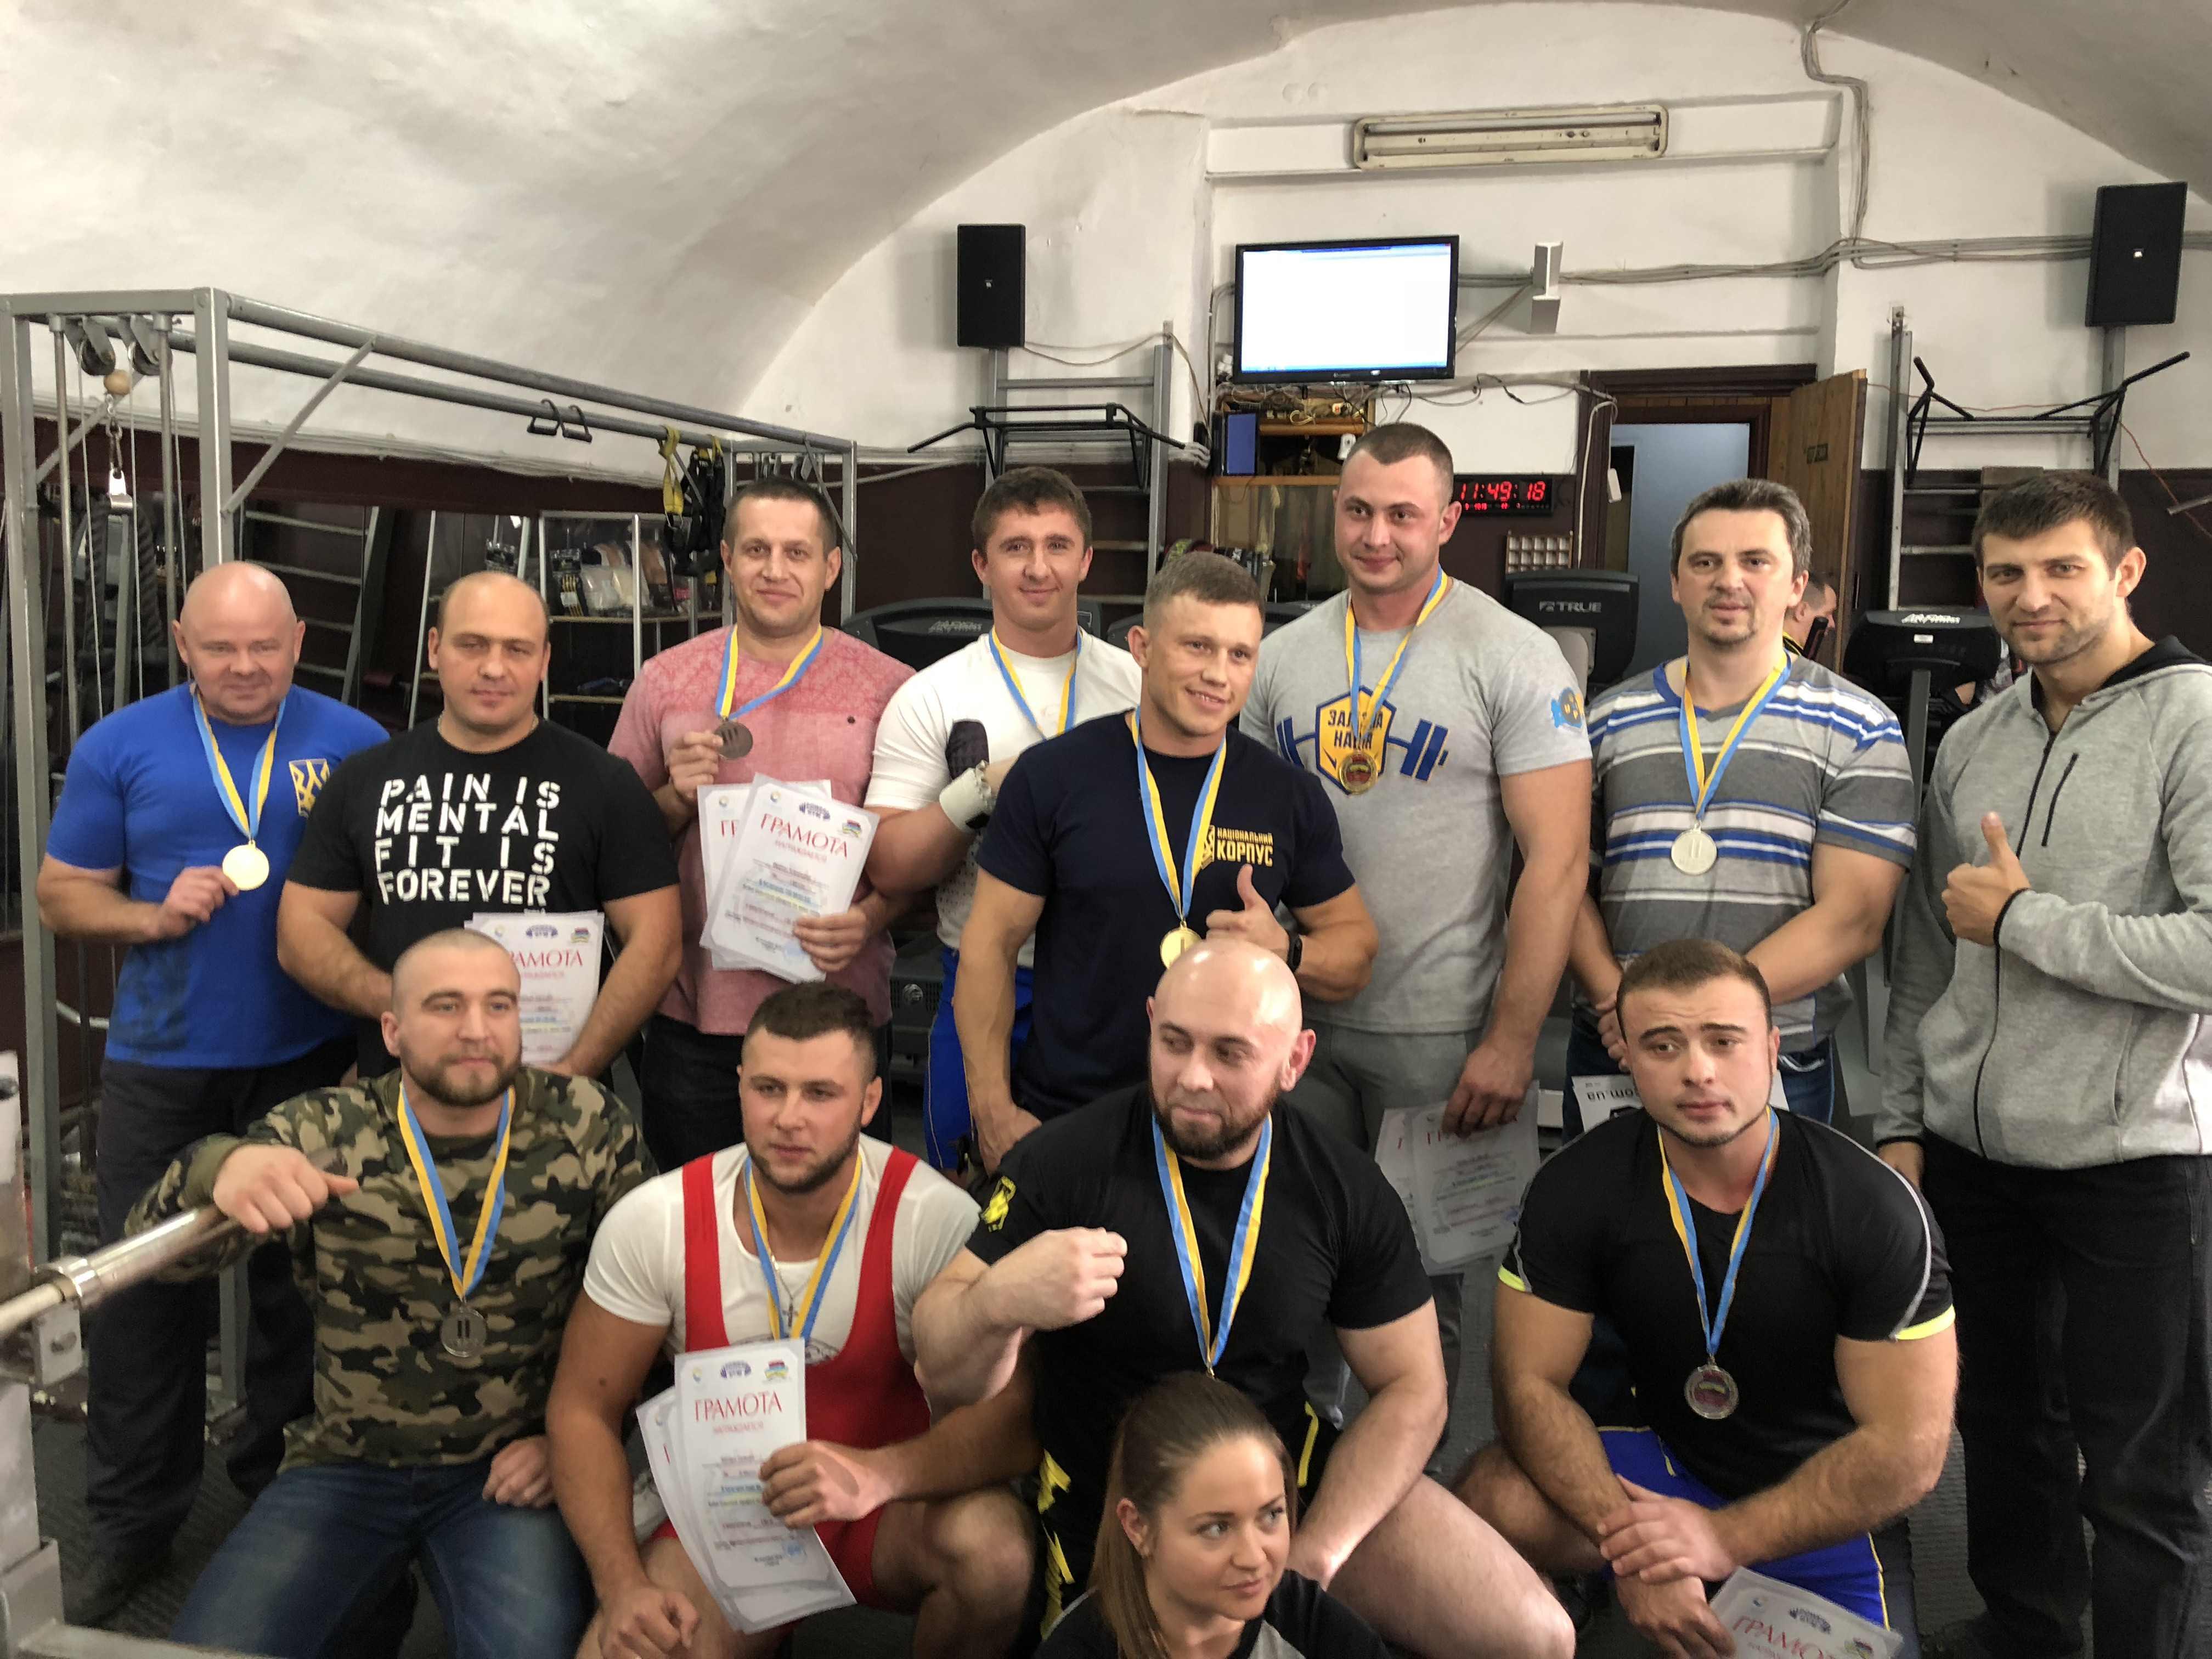 Одесской области по жиму лежа Powergym спортзал одесса 30 сентября 23